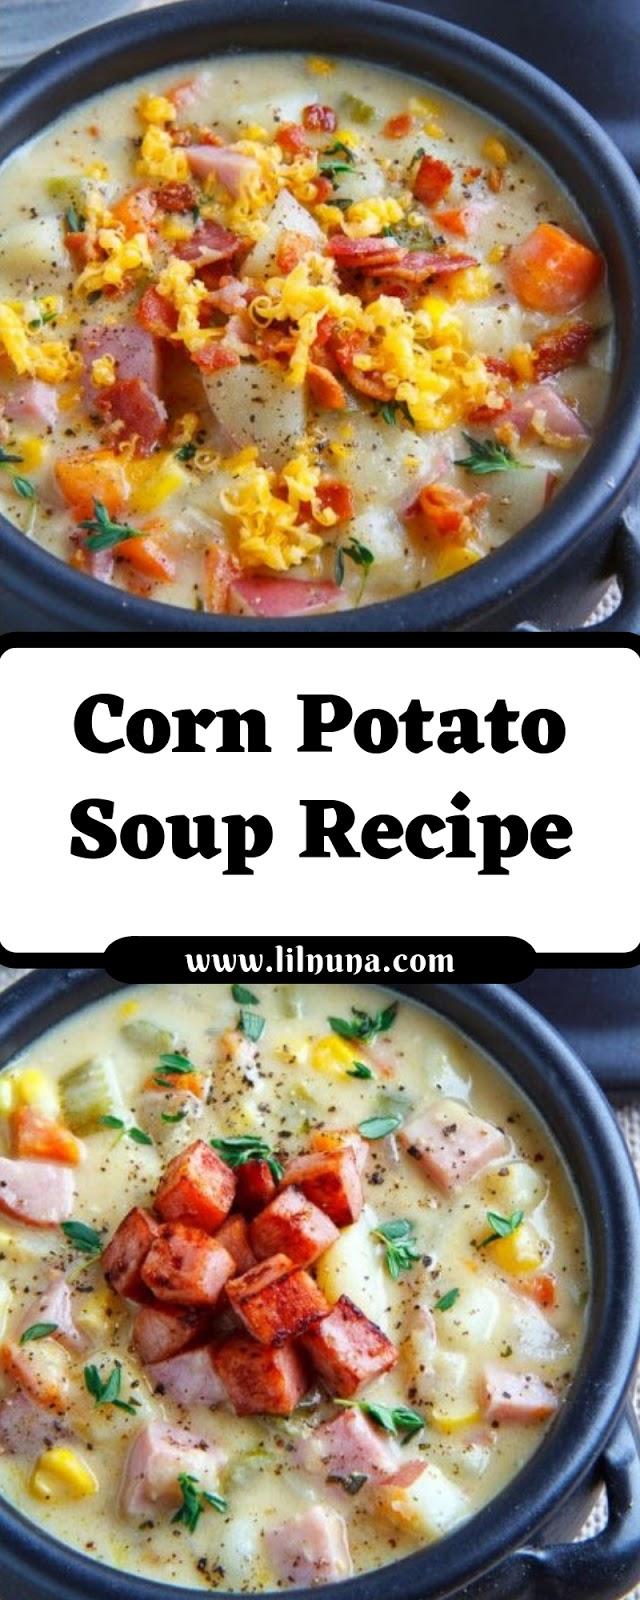 Corn Potato Soup Recipe